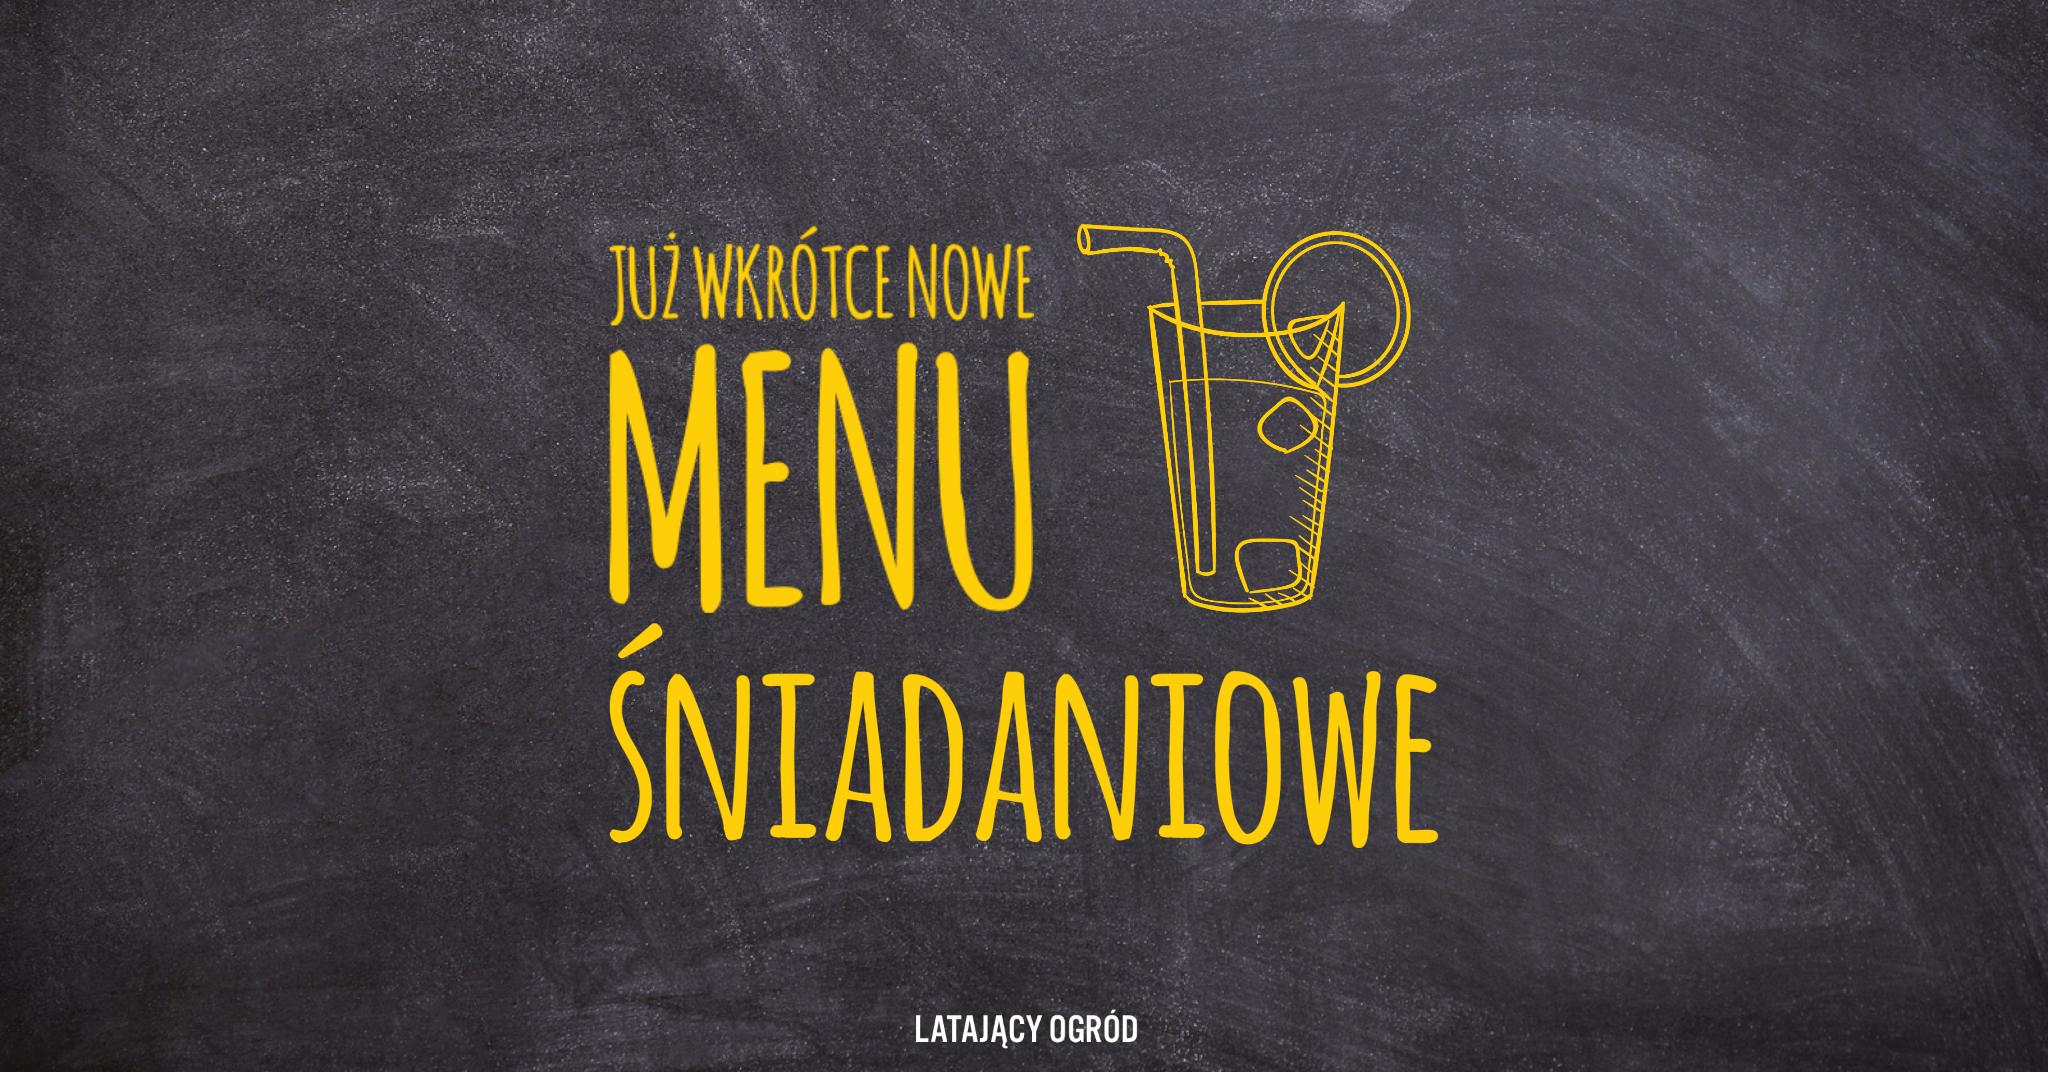 Nowe menu śniadaniowe